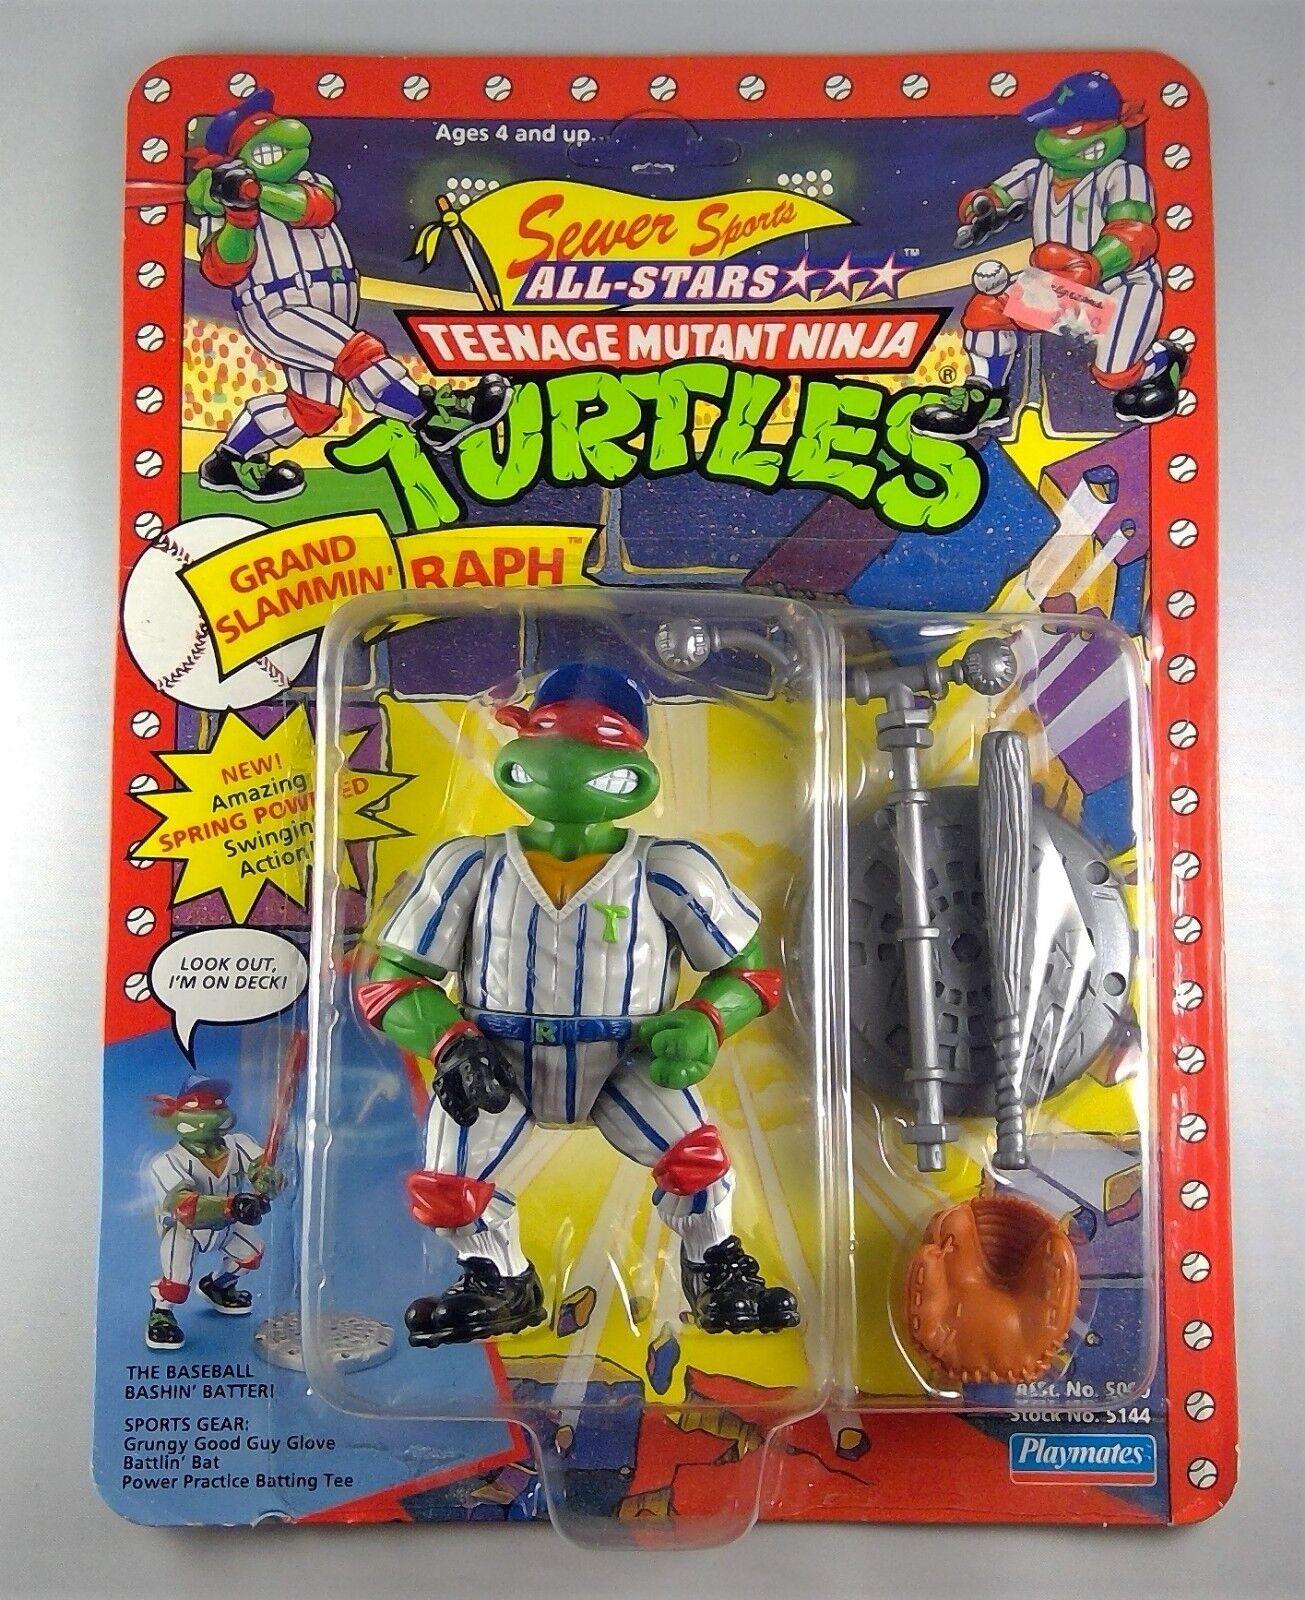 1991 teenage mutant ninja turtles tmnt - kanal - sport - riesen slammin raphael misb